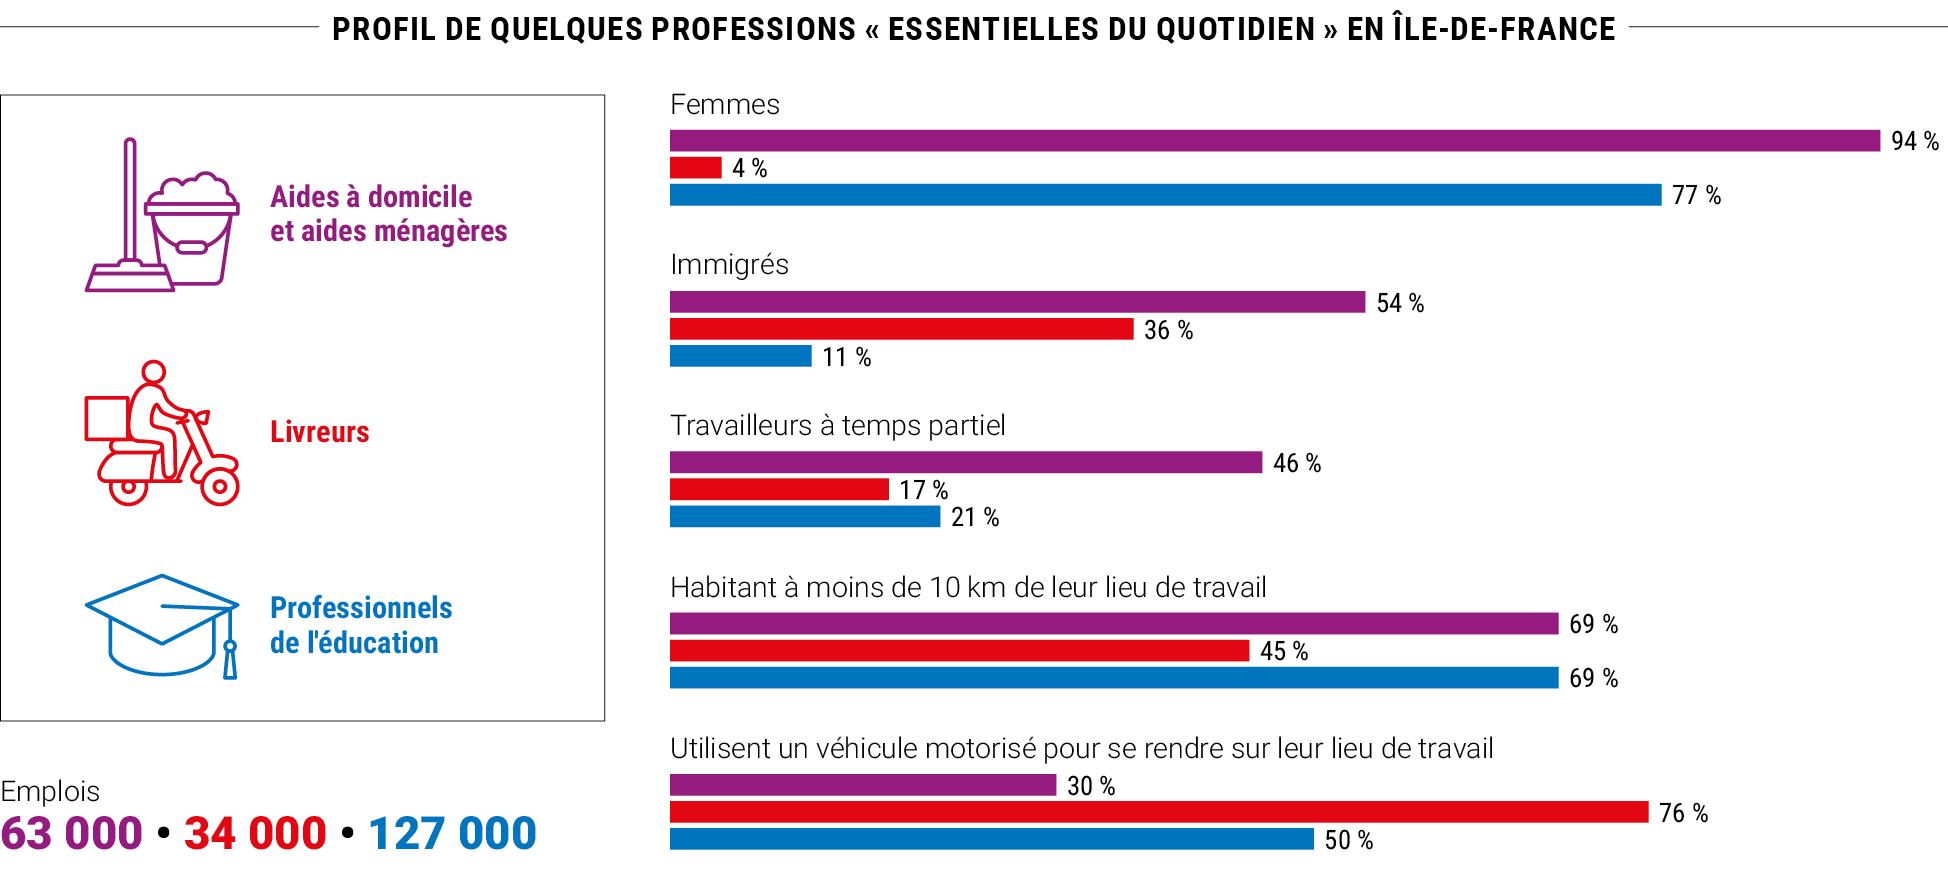 Profil de quelques professions « essentielles du quotidien » en Île-de-France © IPR